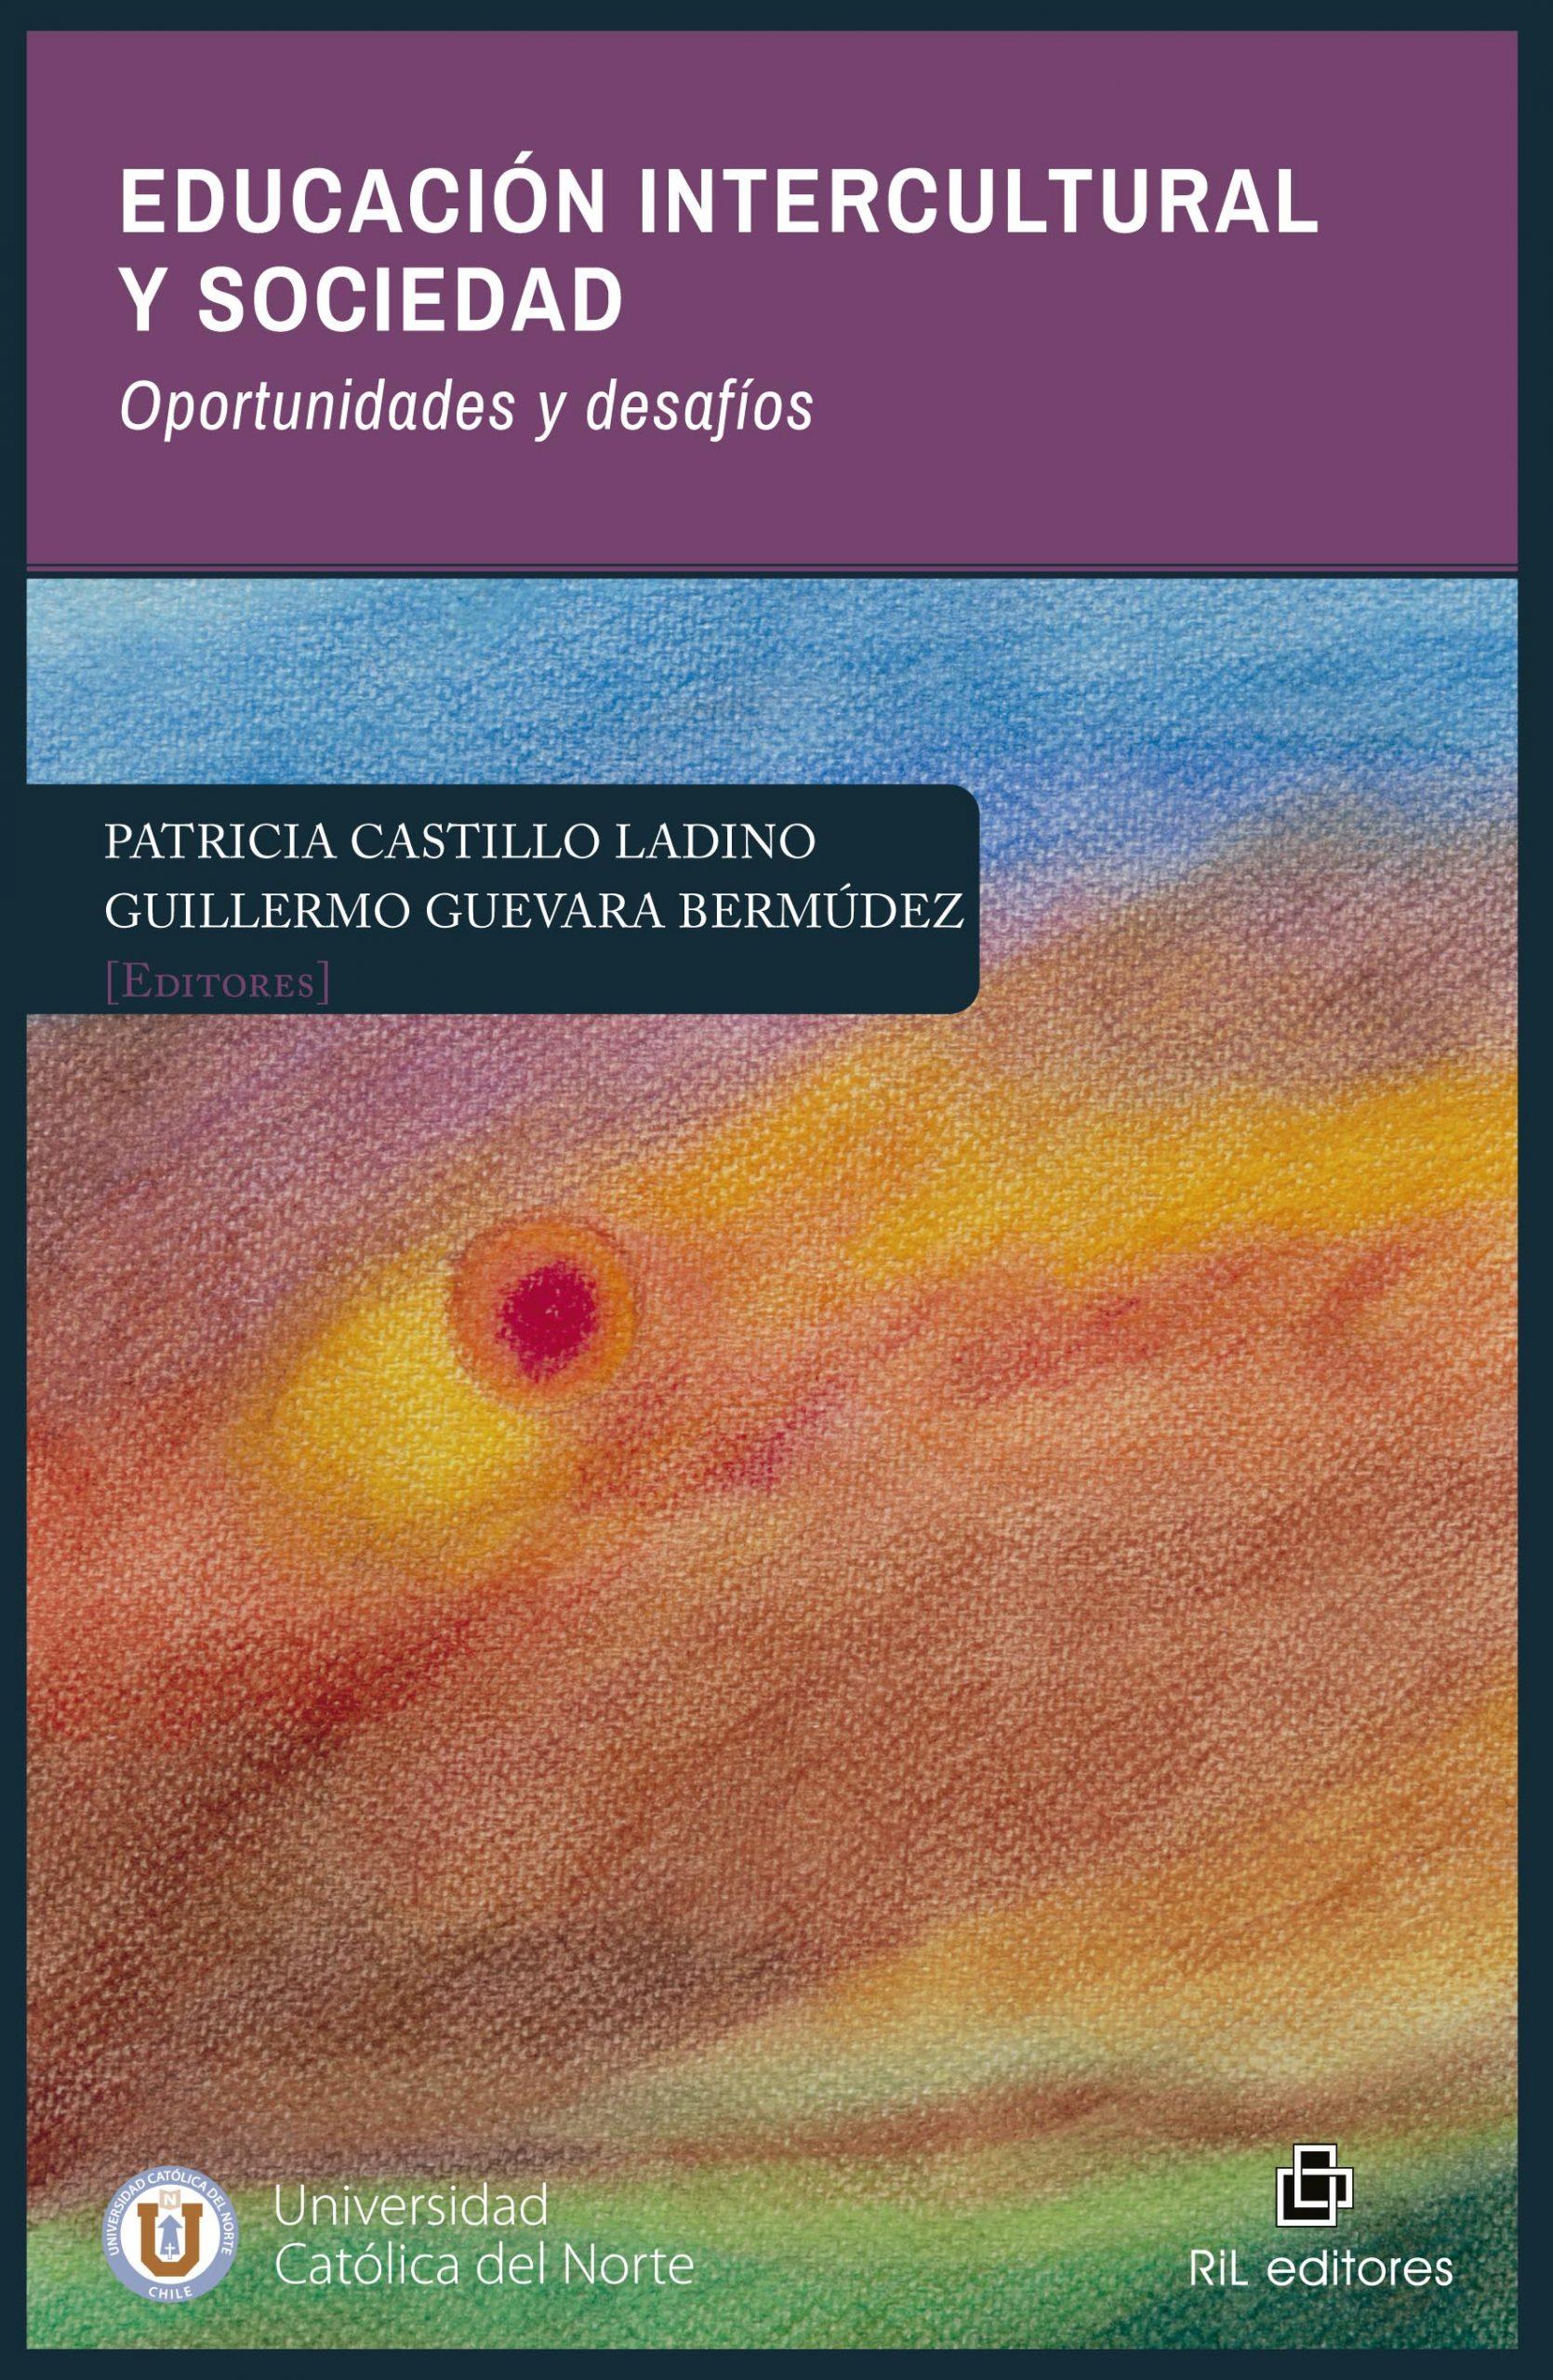 9788418065705 - Castillo, Patricia - 2021 - Educación intercultural-1